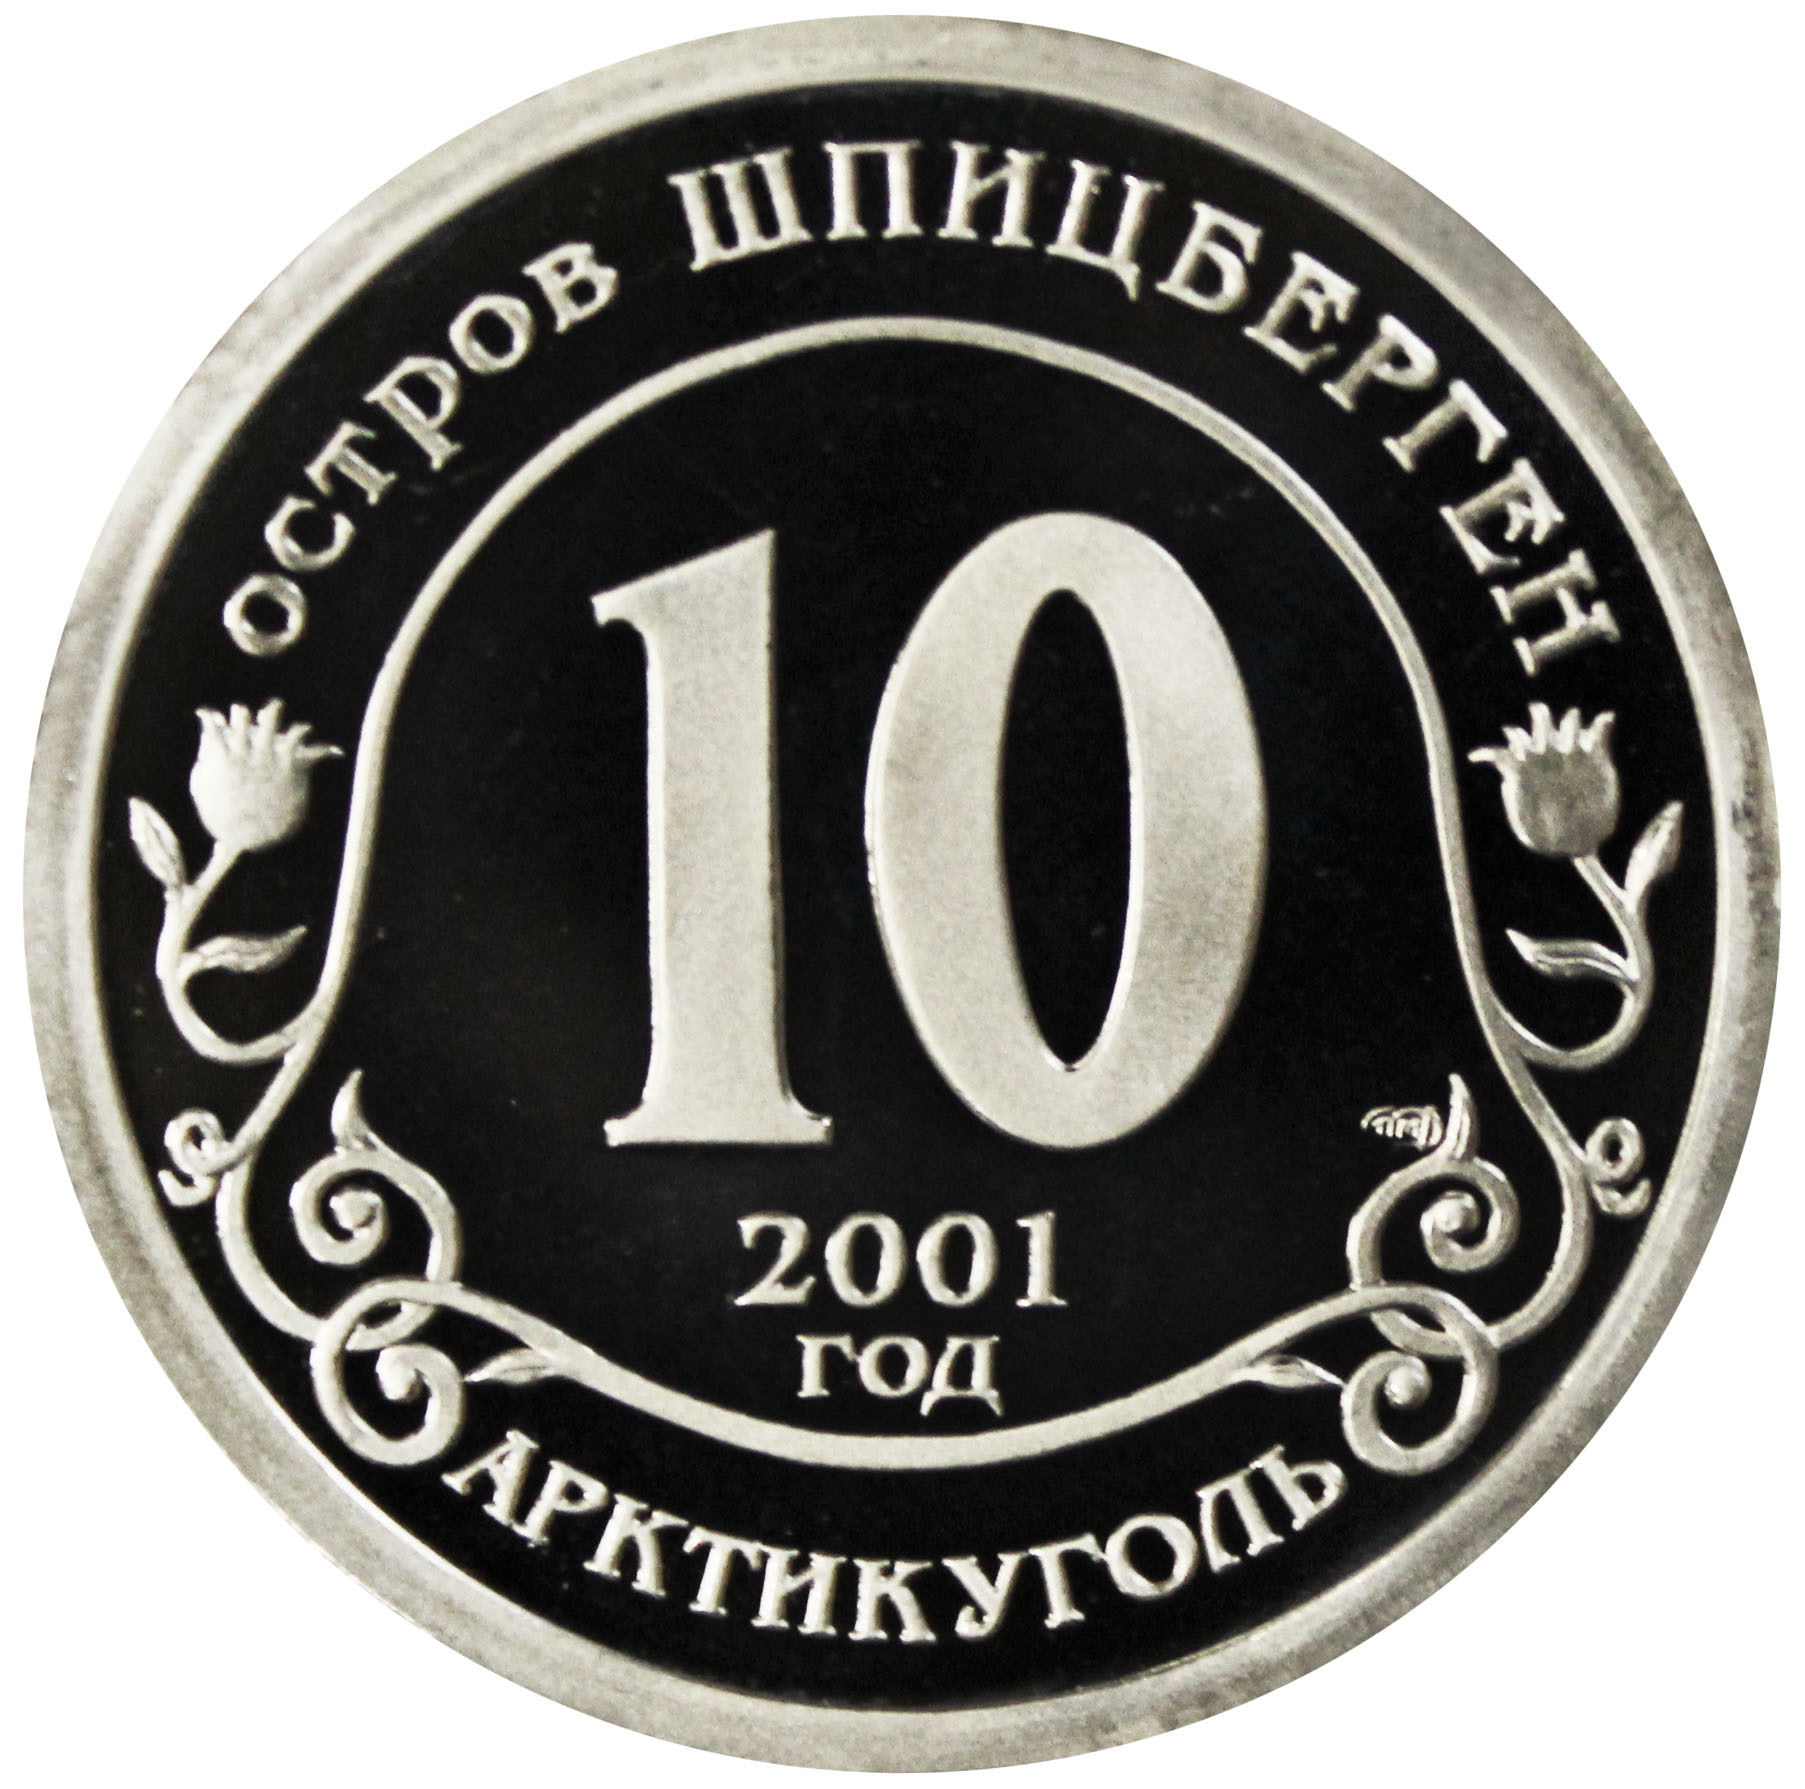 10 разменный знак 2001 года. Арктикуголь, остров Шпицберген. Против терроризма. Нью-Йорк. Без надписи